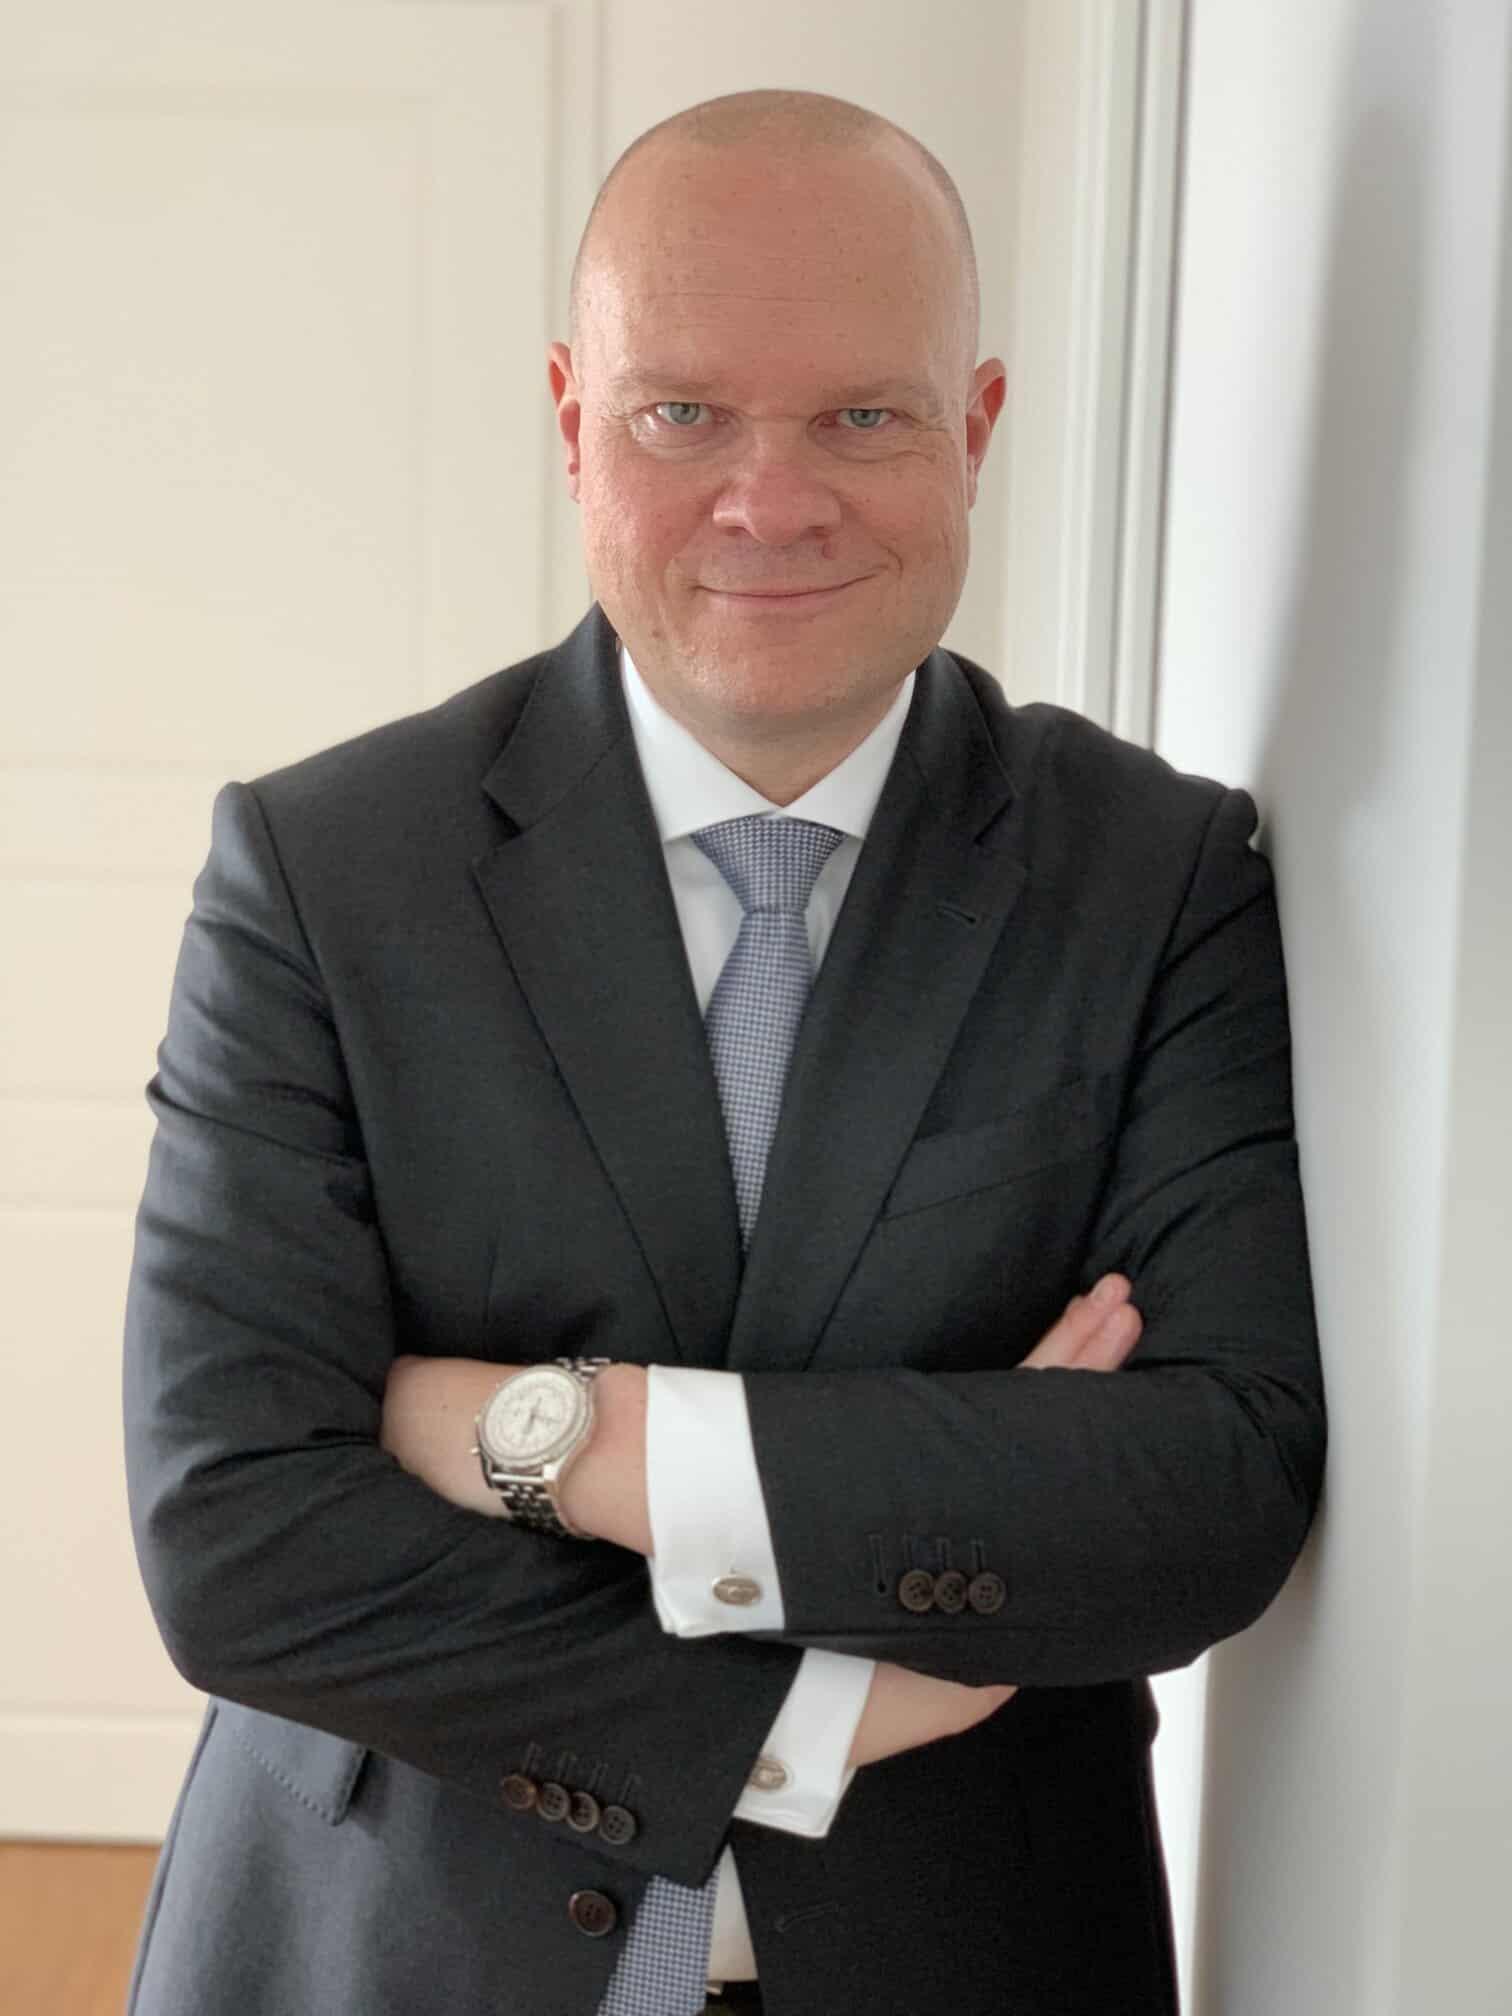 rsz pm ssh bild - Dr. Sascha Schuth neuer Partner bei TARGUS